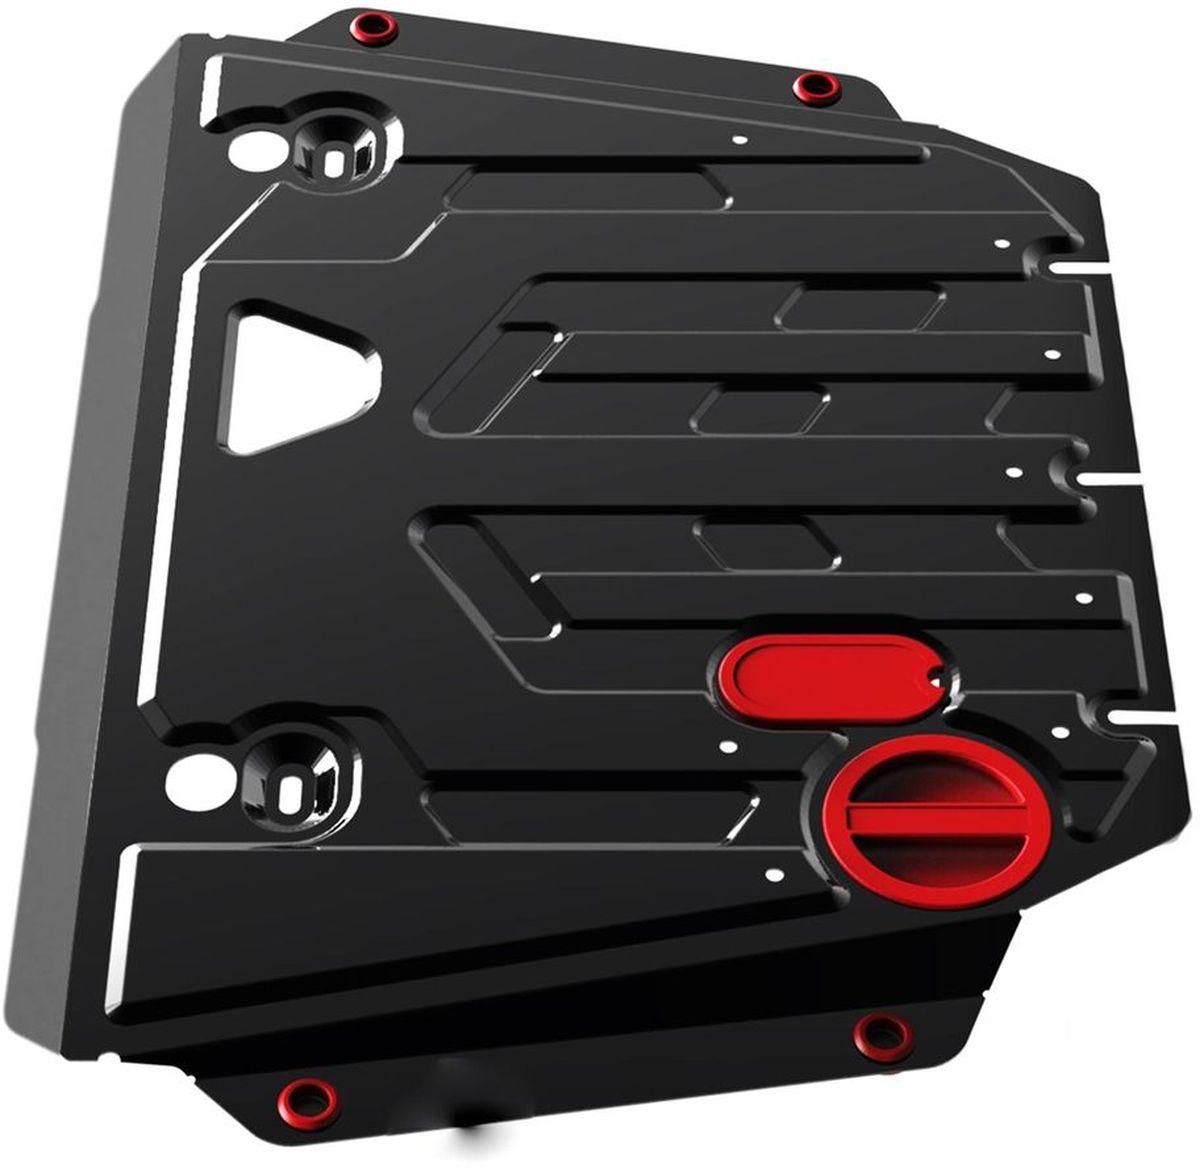 Защита картера и КПП Автоброня, для Chery Indis (s18d ), V-1,31004900000360Технологически совершенный продукт за невысокую стоимость.Защита разработана с учетом особенностей днища автомобиля, что позволяет сохранить дорожный просвет с минимальным изменением.Защита устанавливается в штатные места кузова автомобиля. Глубокий штамп обеспечивает до двух раз больше жесткости в сравнении с обычной защитой той же толщины. Проштампованные ребра жесткости препятствуют деформации защиты при ударах.Тепловой зазор и вентиляционные отверстия обеспечивают сохранение температурного режима двигателя в норме. Скрытый крепеж предотвращает срыв крепежных элементов при наезде на препятствие.Шумопоглощающие резиновые элементы обеспечивают комфортную езду без вибраций и скрежета металла, а съемные лючки для слива масла и замены фильтра - экономию средств и время.Конструкция изделия не влияет на пассивную безопасность автомобиля (при ударе защита не воздействует на деформационные зоны кузова). Со штатным крепежом. В комплекте инструкция по установке.Толщина стали: 2 мм.Уважаемые клиенты!Обращаем ваше внимание, что элемент защиты имеет форму, соответствующую модели данного автомобиля. Фото служит для визуального восприятия товара и может отличаться от фактического.